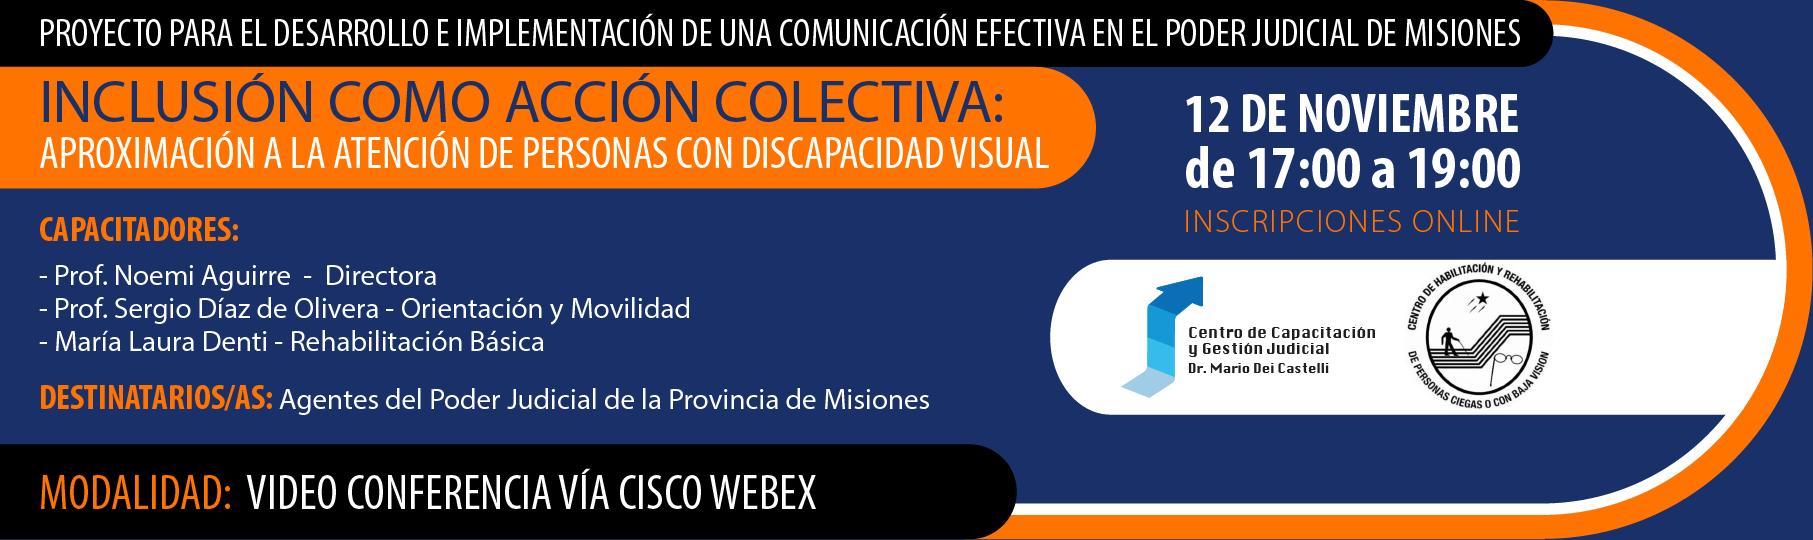 Inclusión como acción colectiva: aproximación a la atención de personas con discapacidad visual